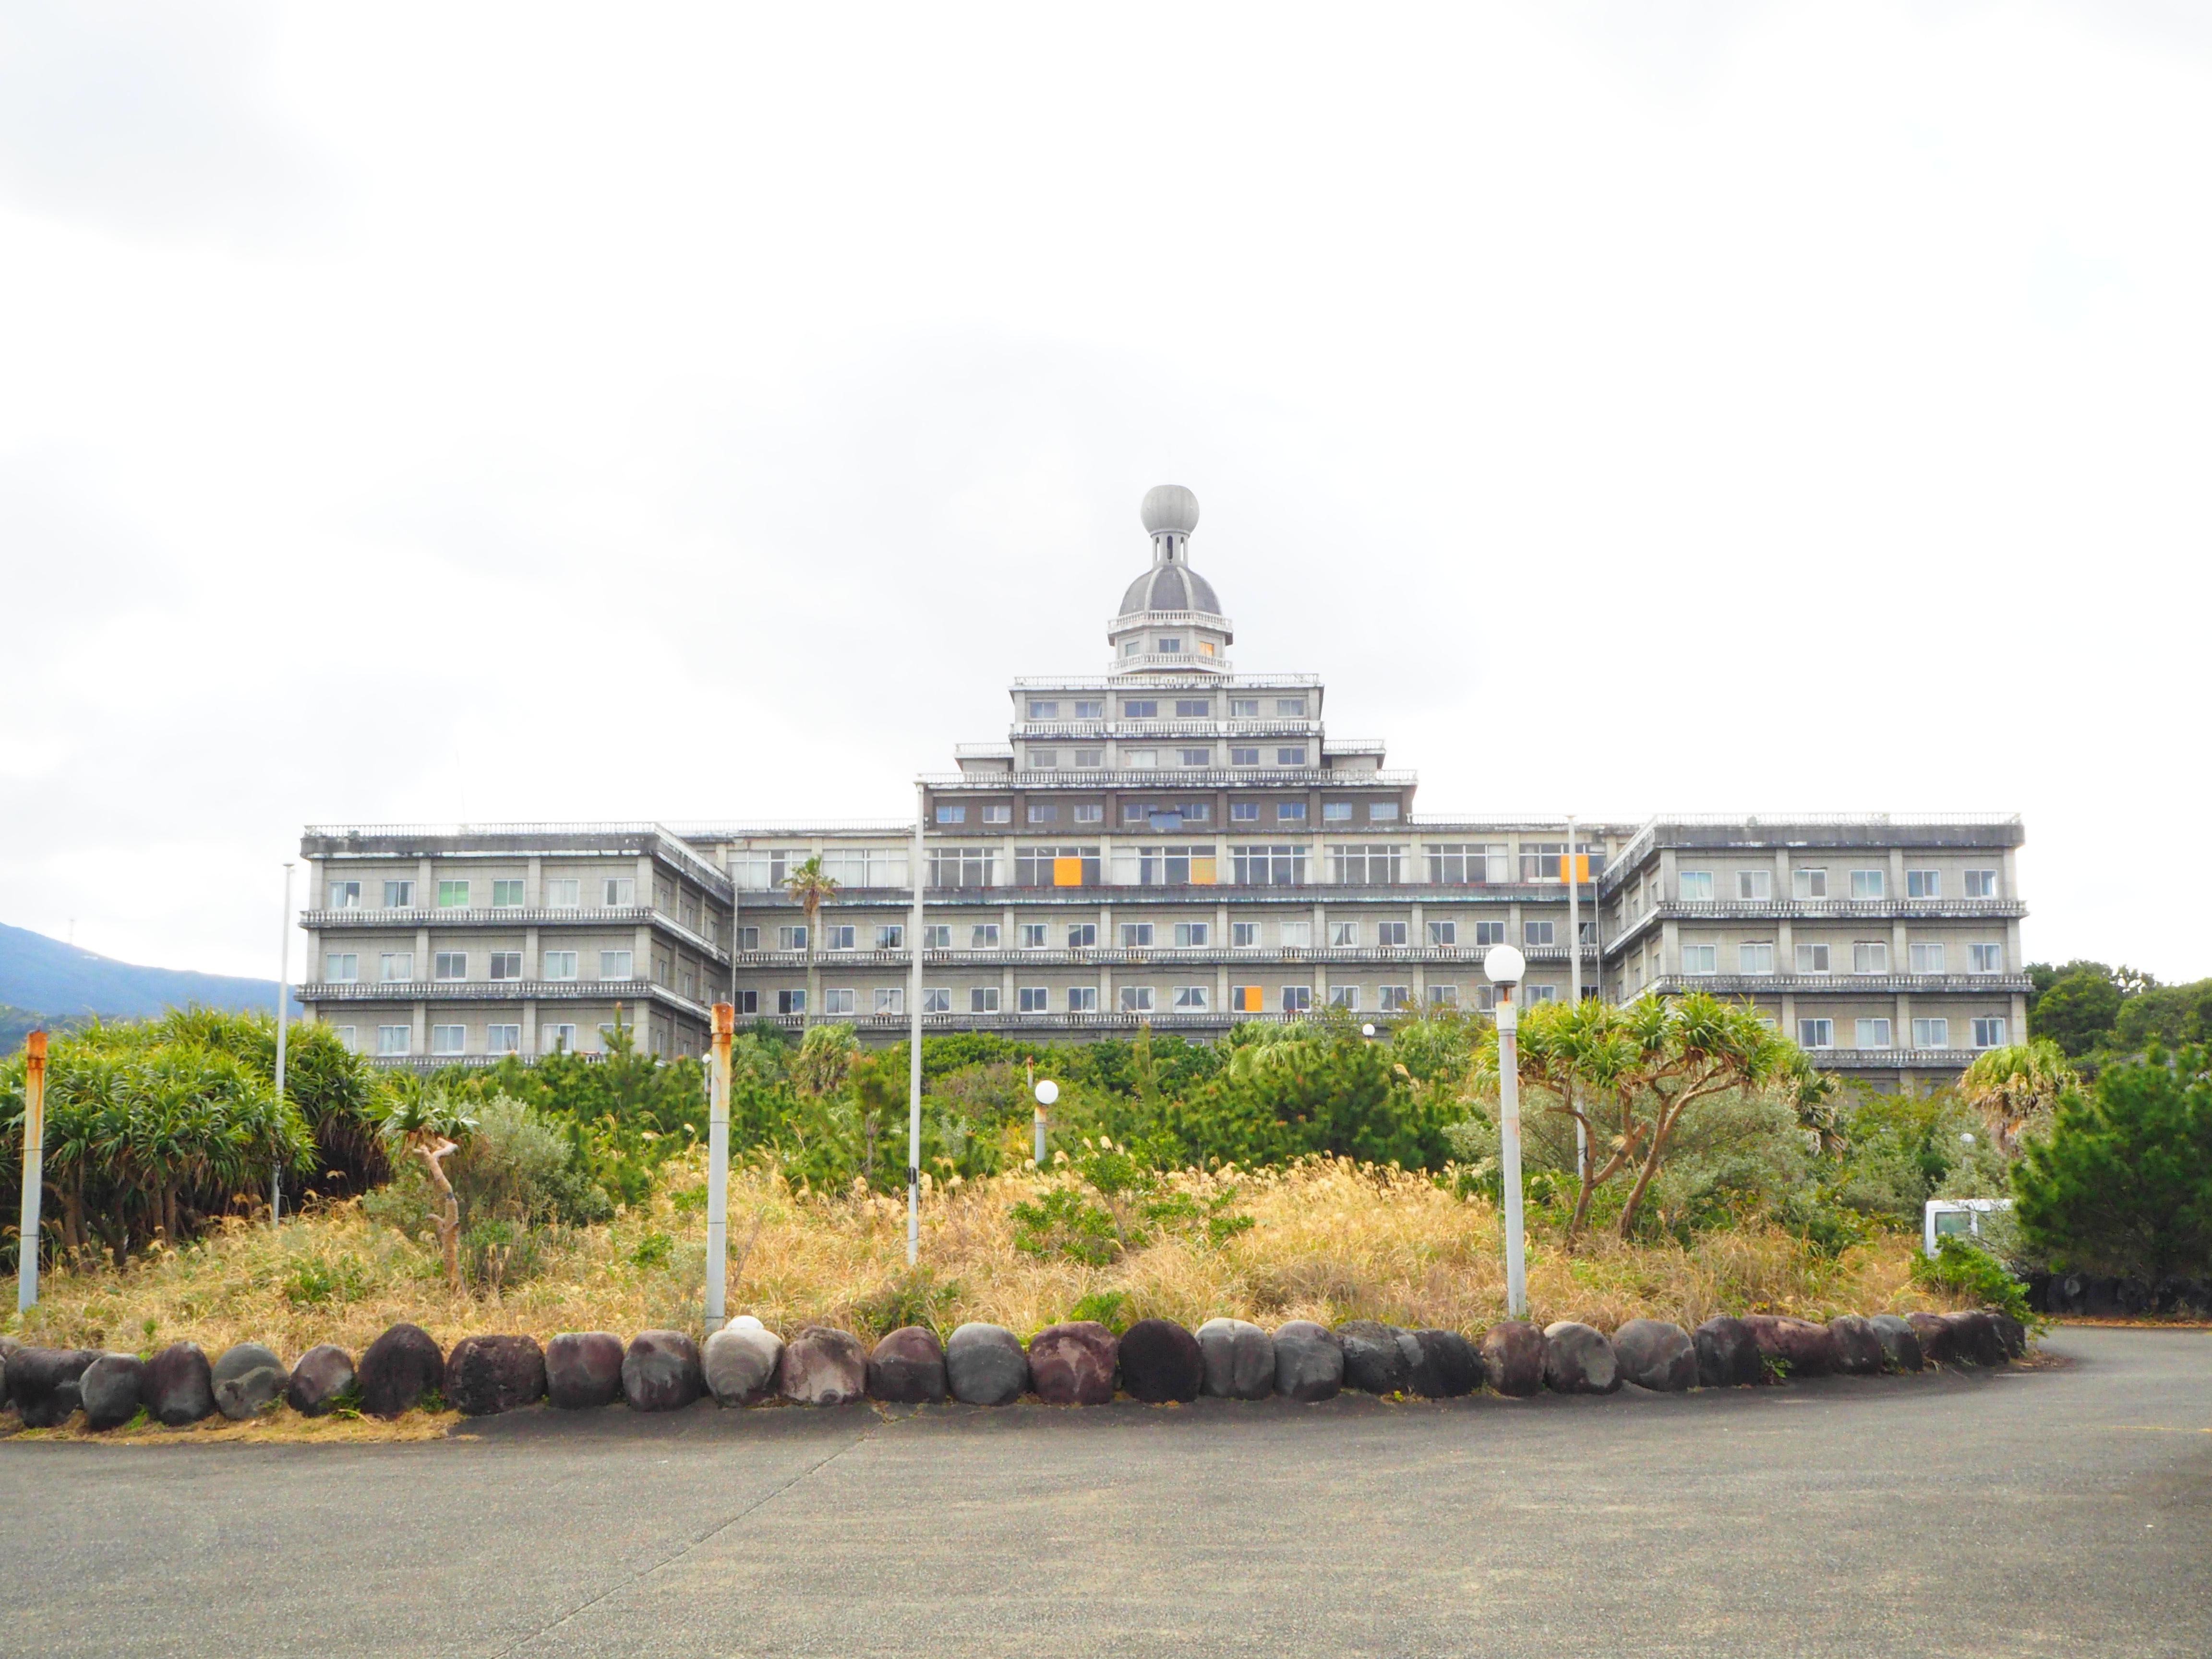 八丈島 オリエンタルリゾート 廃墟 心霊